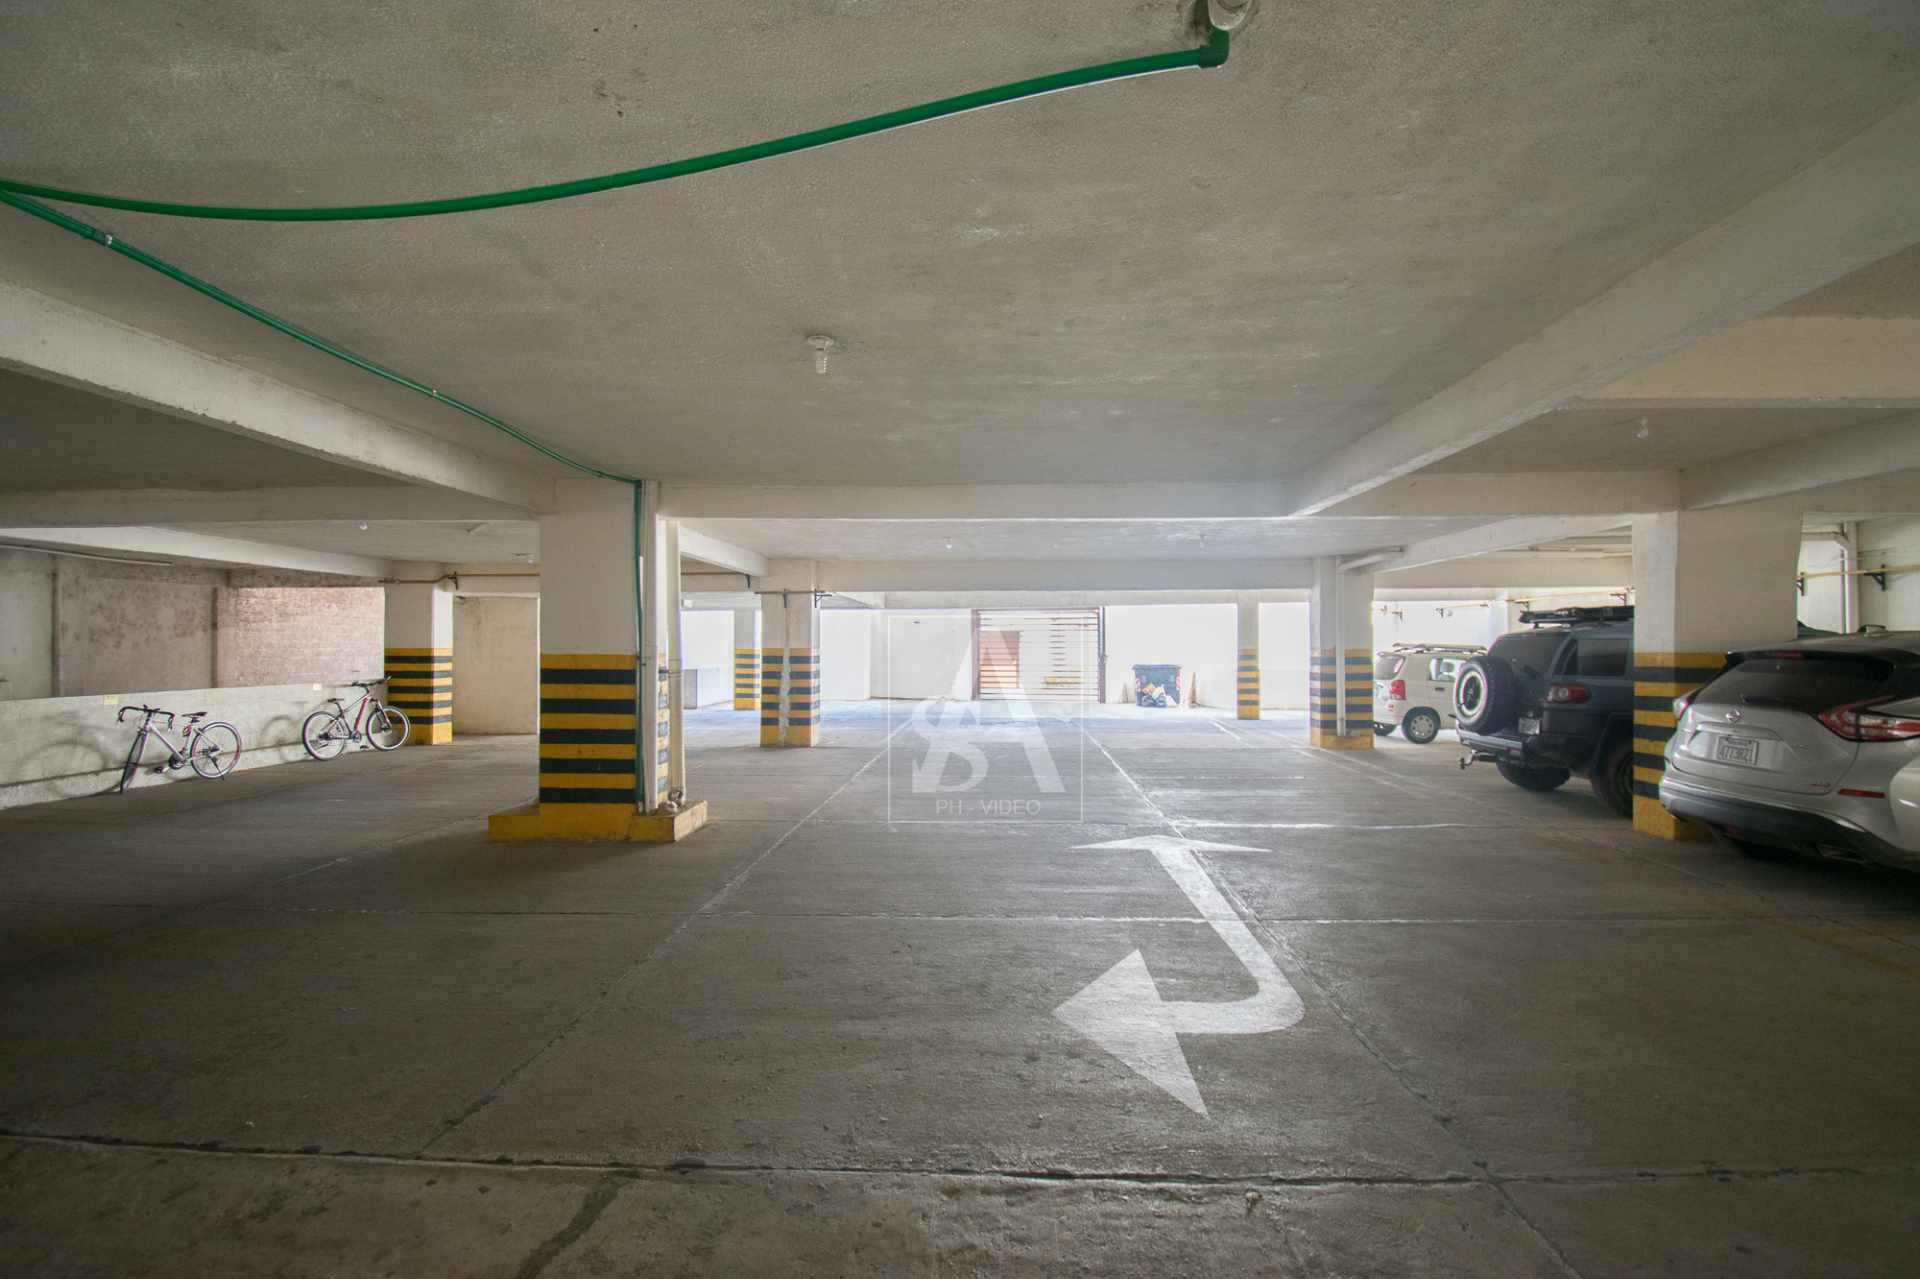 Departamento en Venta AVENIDA GUAPAY 2260 Foto 3